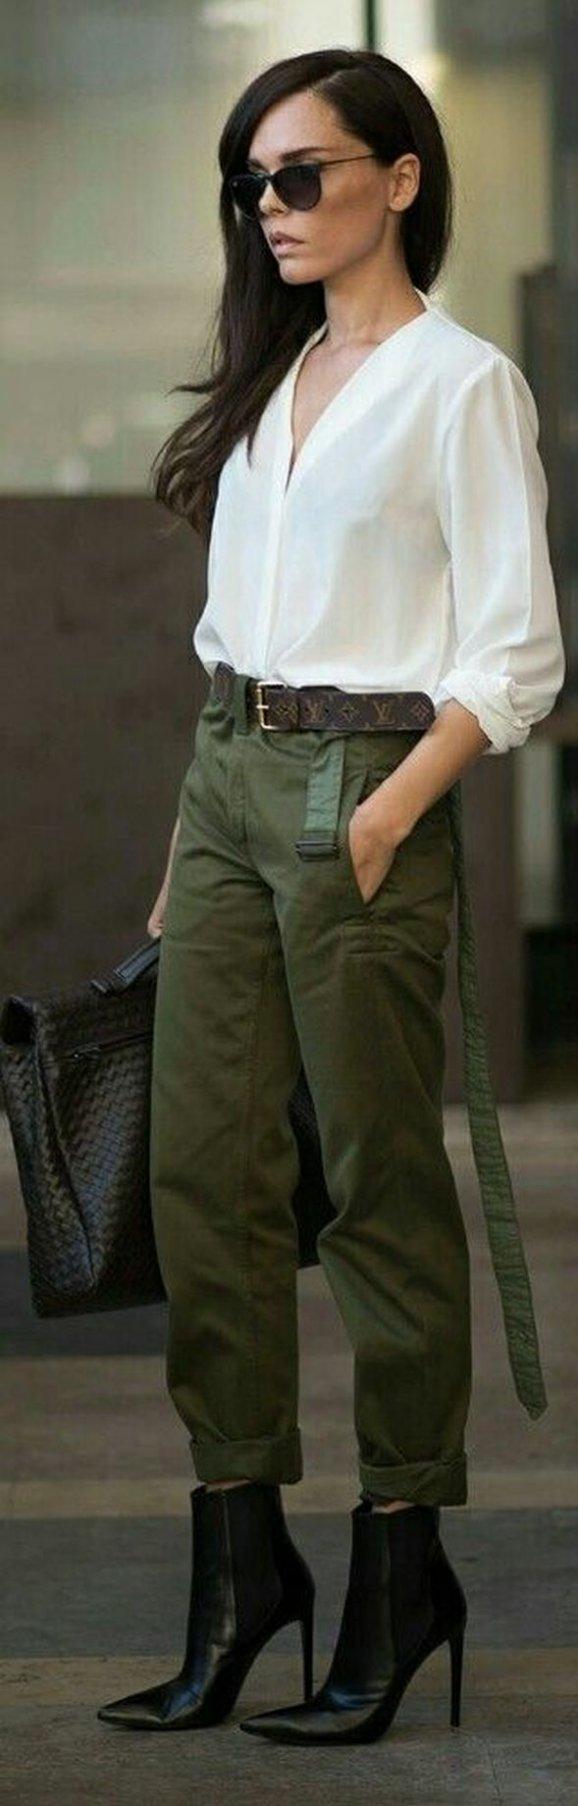 08c1a1216fea I vojenský styl umí podtrhnout ženskost   Pinterest. Army styl může ...